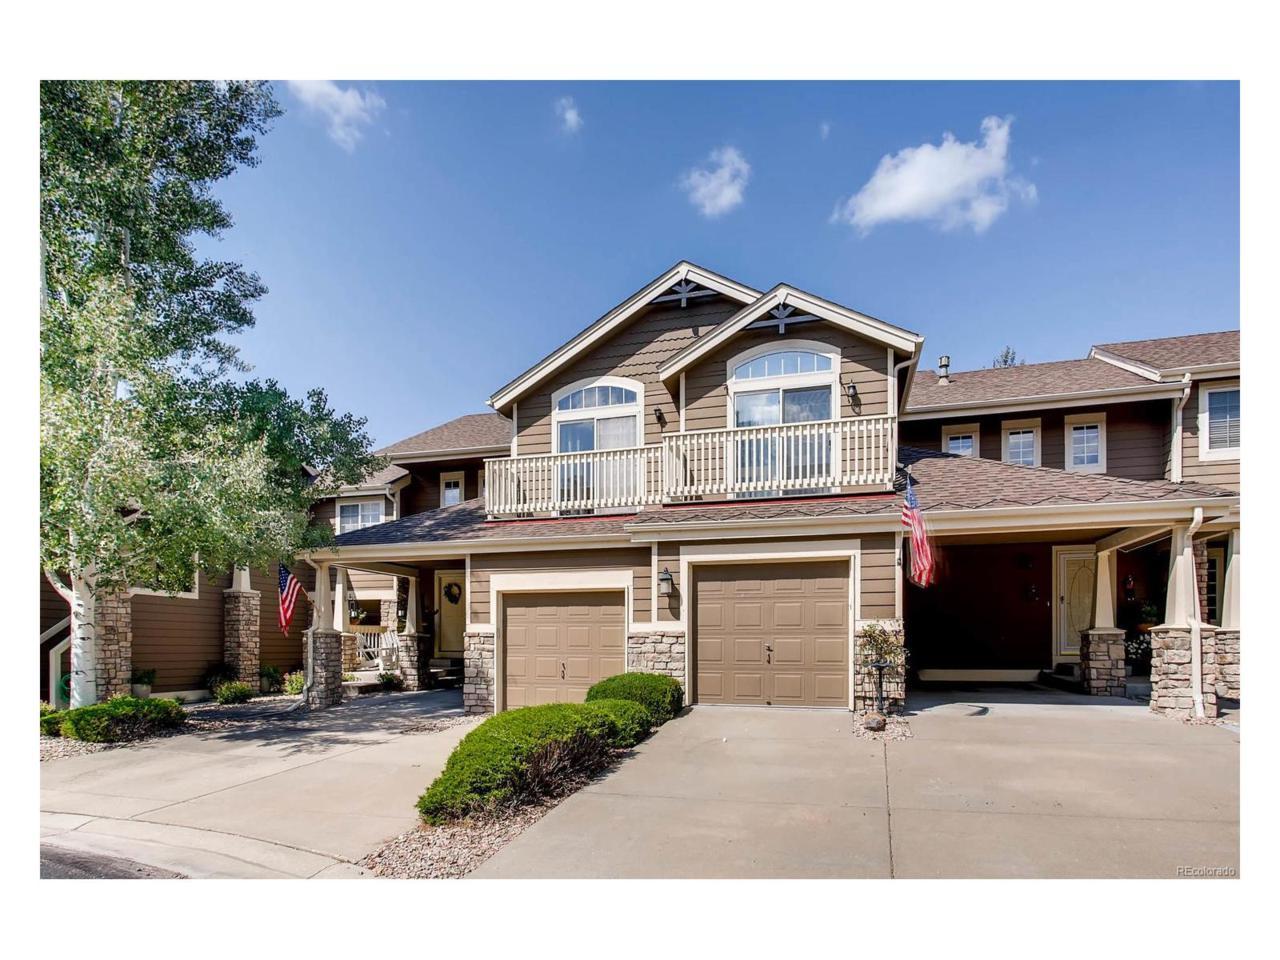 19551 E Mann Creek Drive C, Parker, CO 80134 (MLS #9716008) :: 8z Real Estate